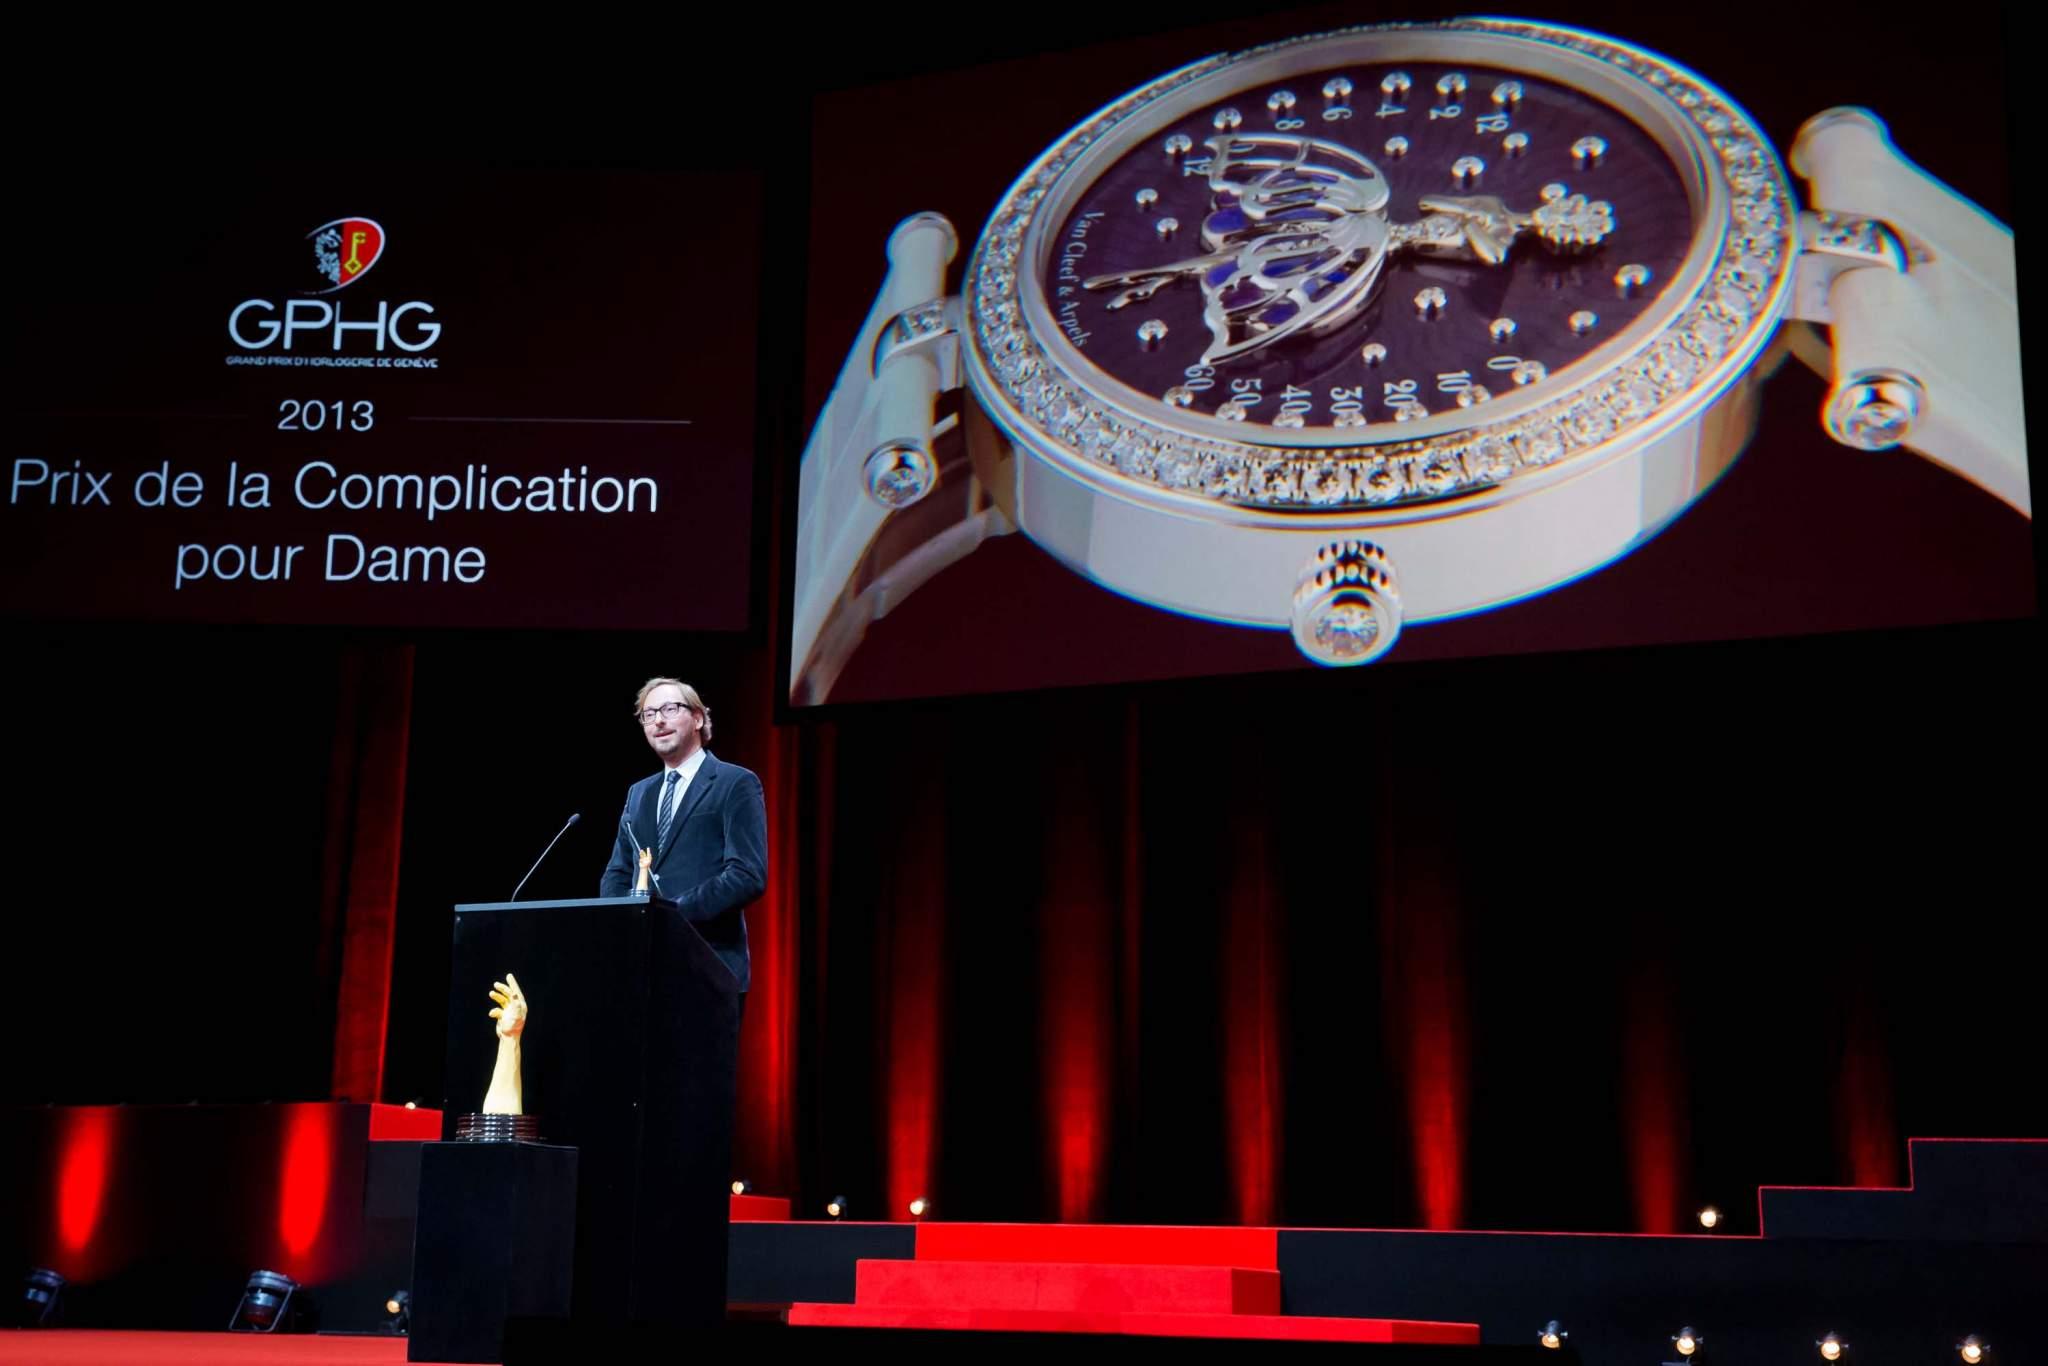 Speech of Nicolas Bos, CEO of Van Cleef & Arpels, winner of the Ladies' Complications Watch Prize 2013